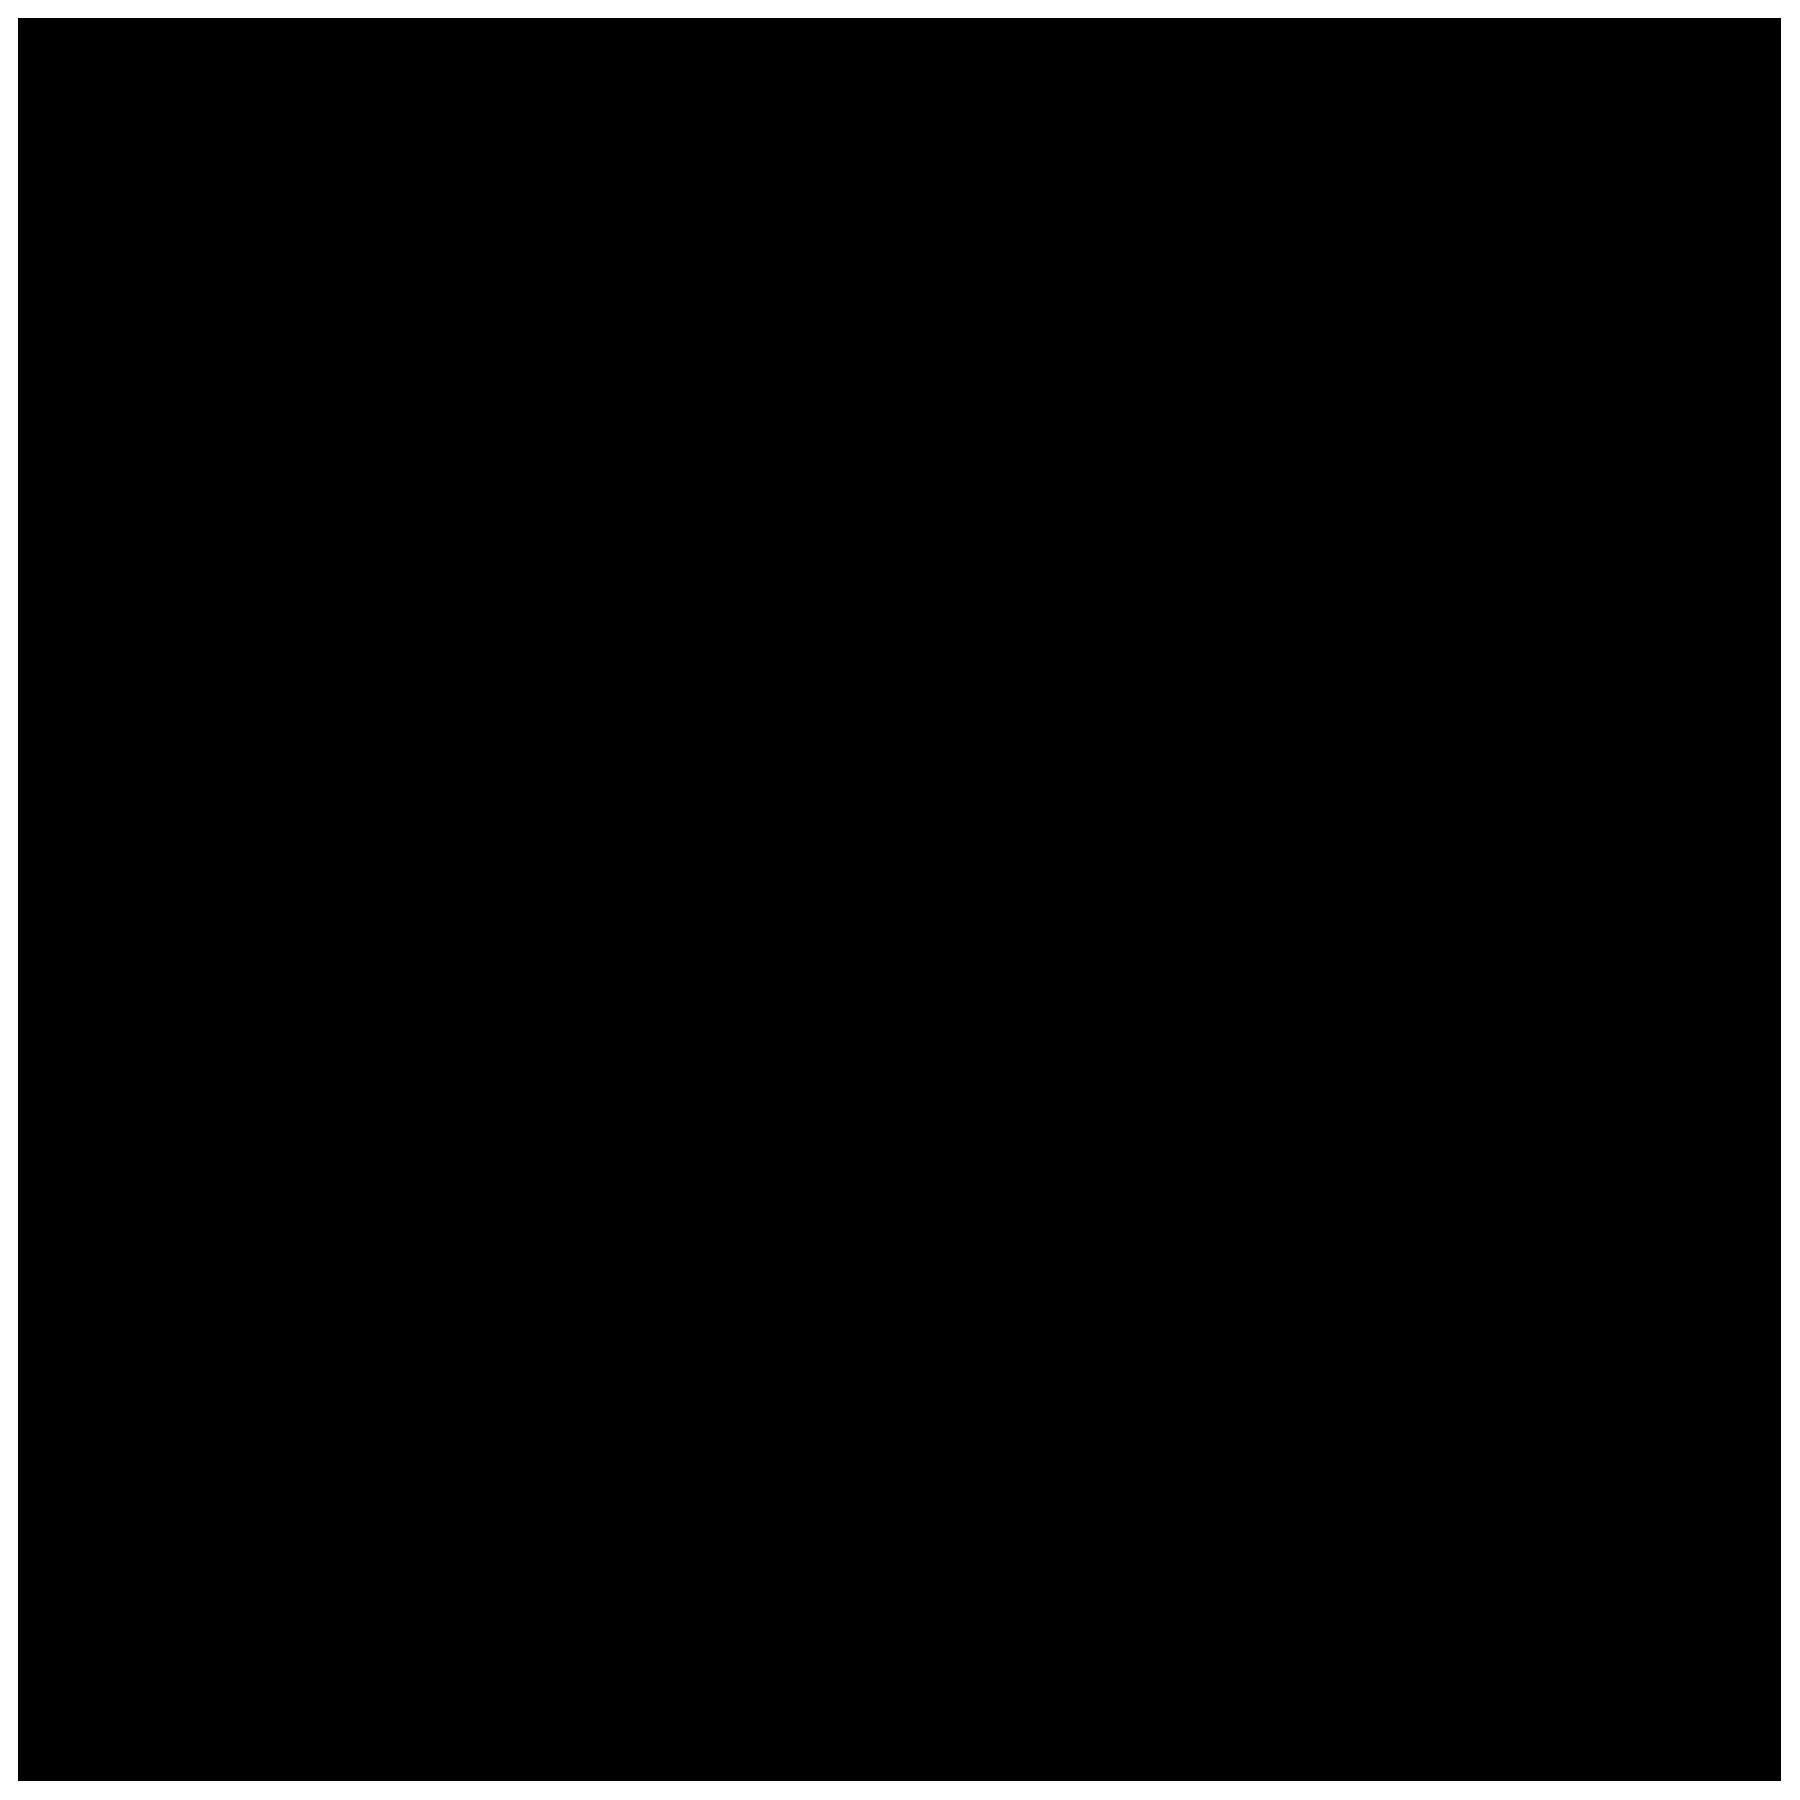 GreyOwl_Final-Icon_Reverse.png